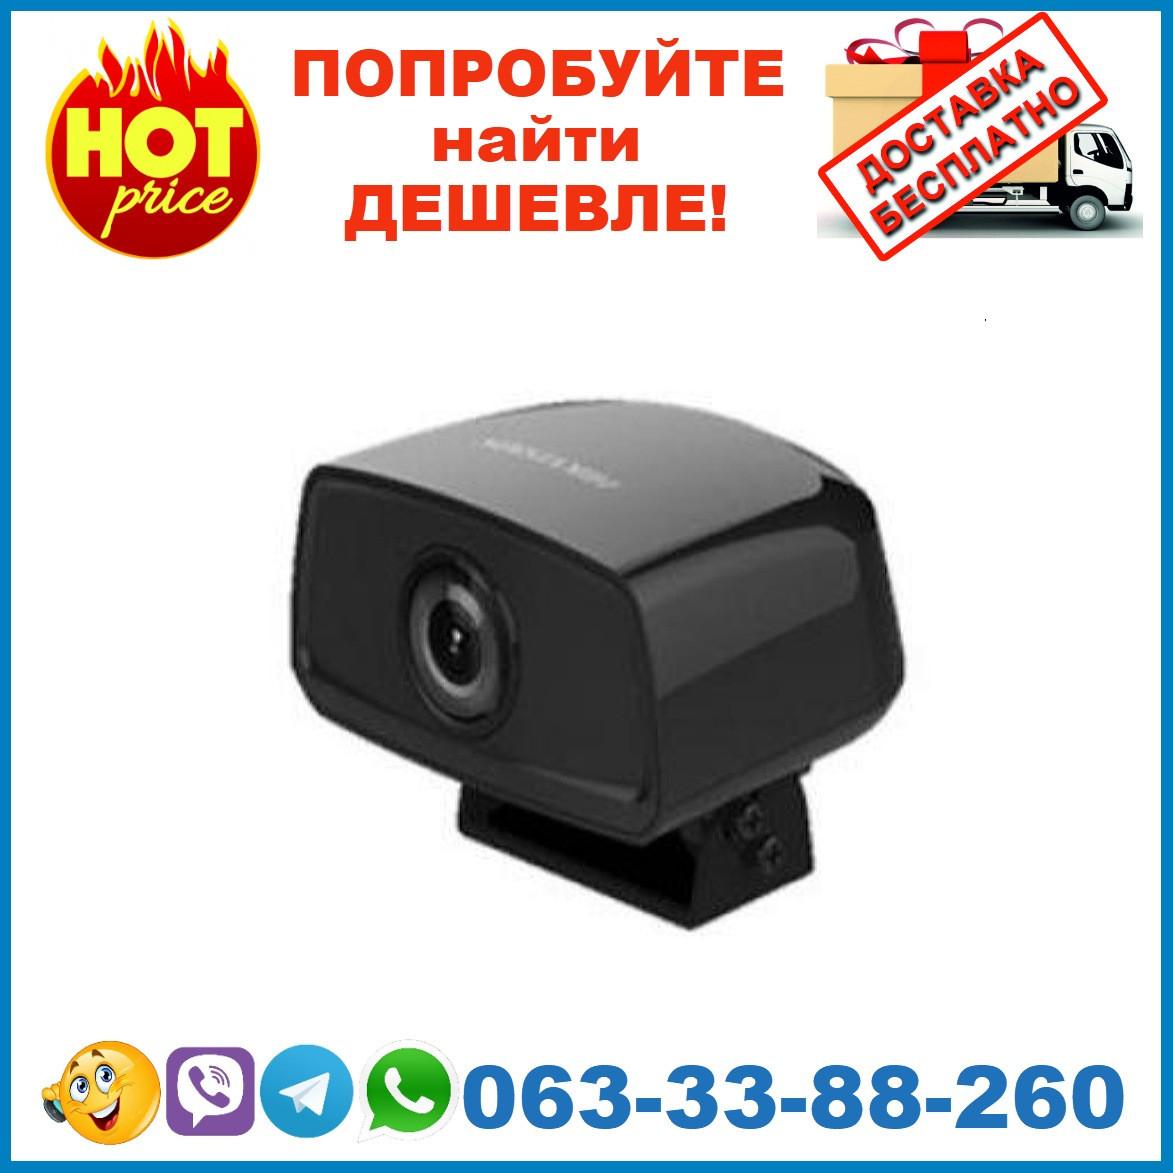 DS-2XM6222FWD-IM (4 мм)  2 Мп мобильная сетевая видеокамера Hikvision